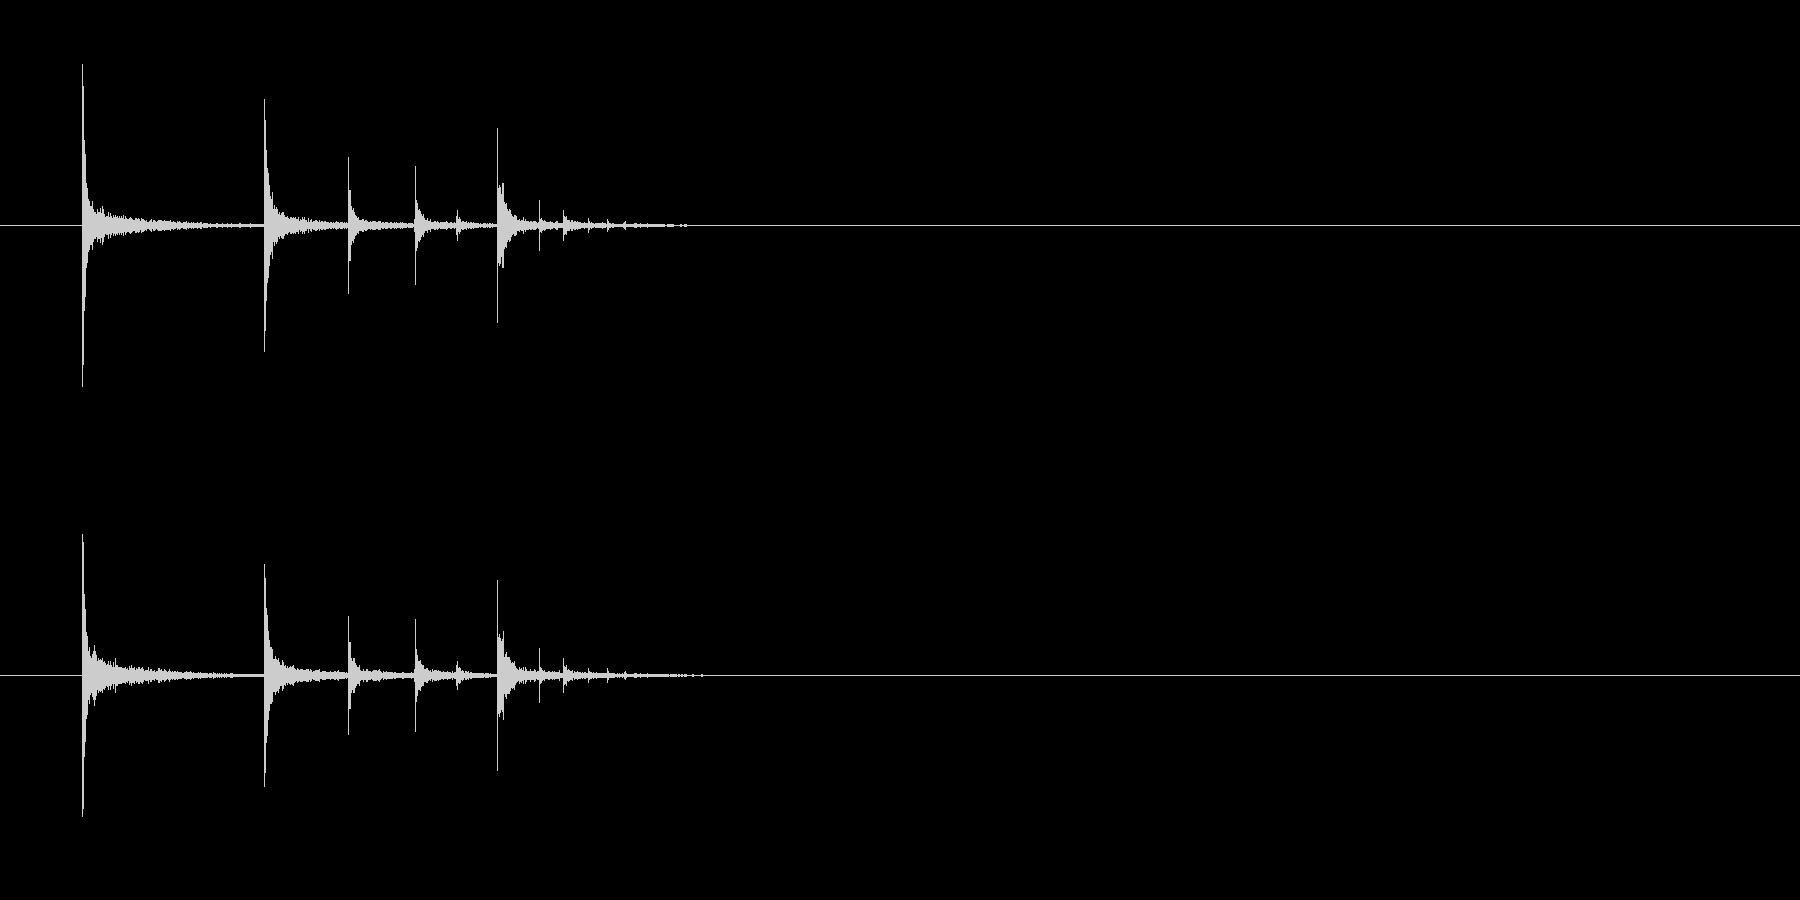 ポップキャン、フォールメタルインパクトの未再生の波形